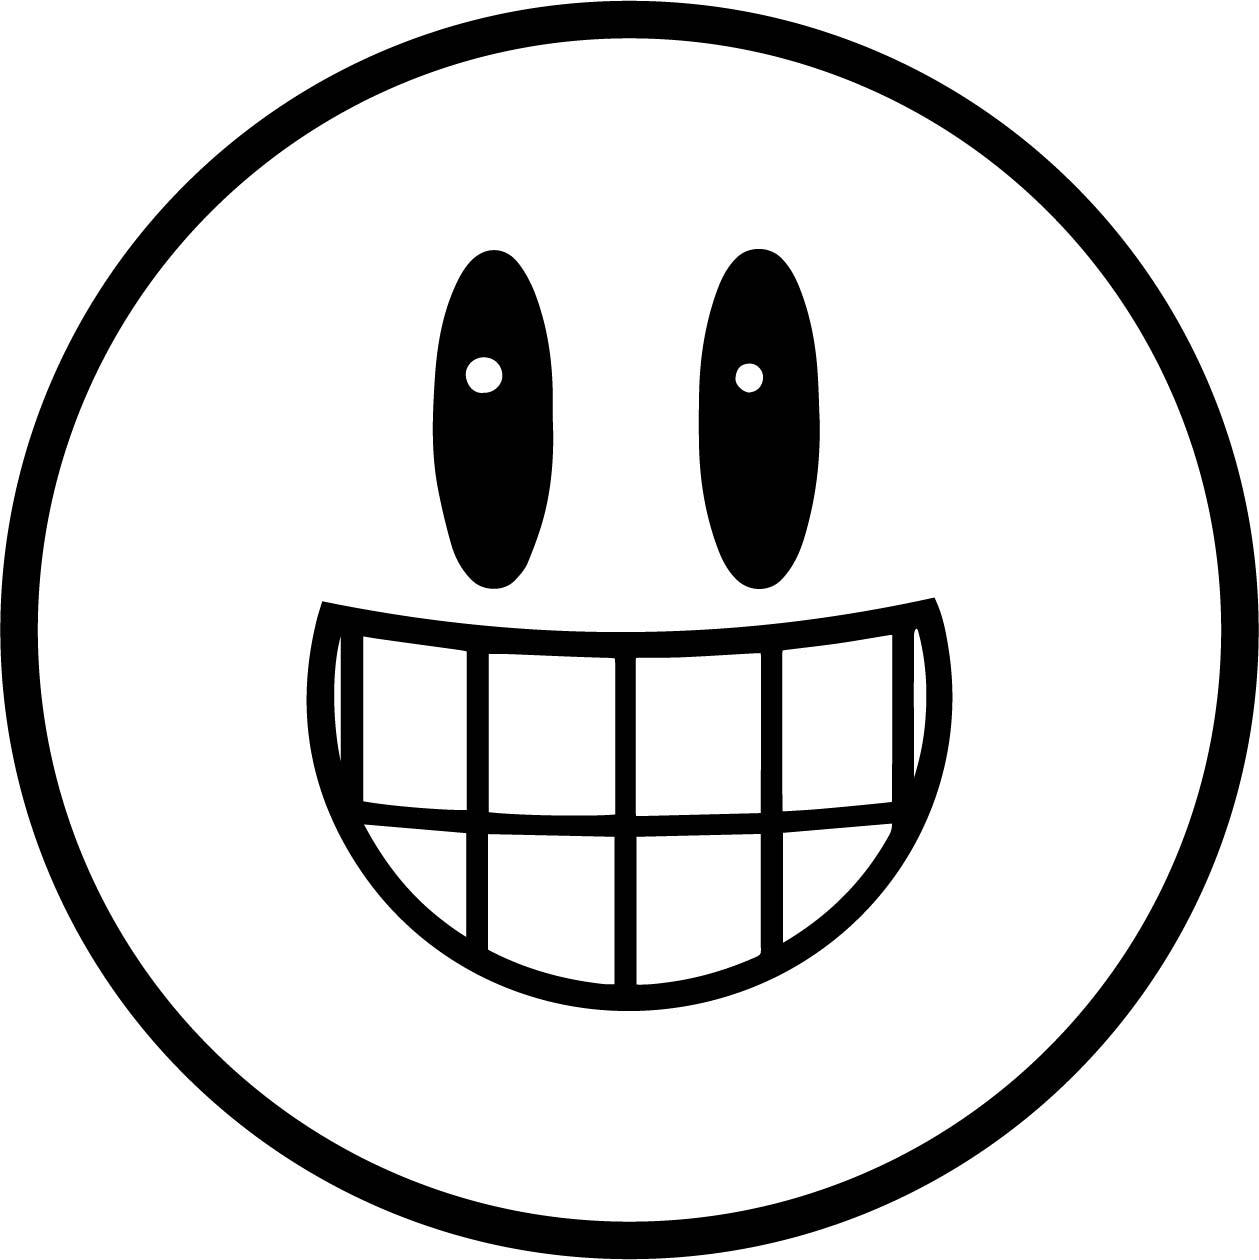 Emoticon Just Coloring Page